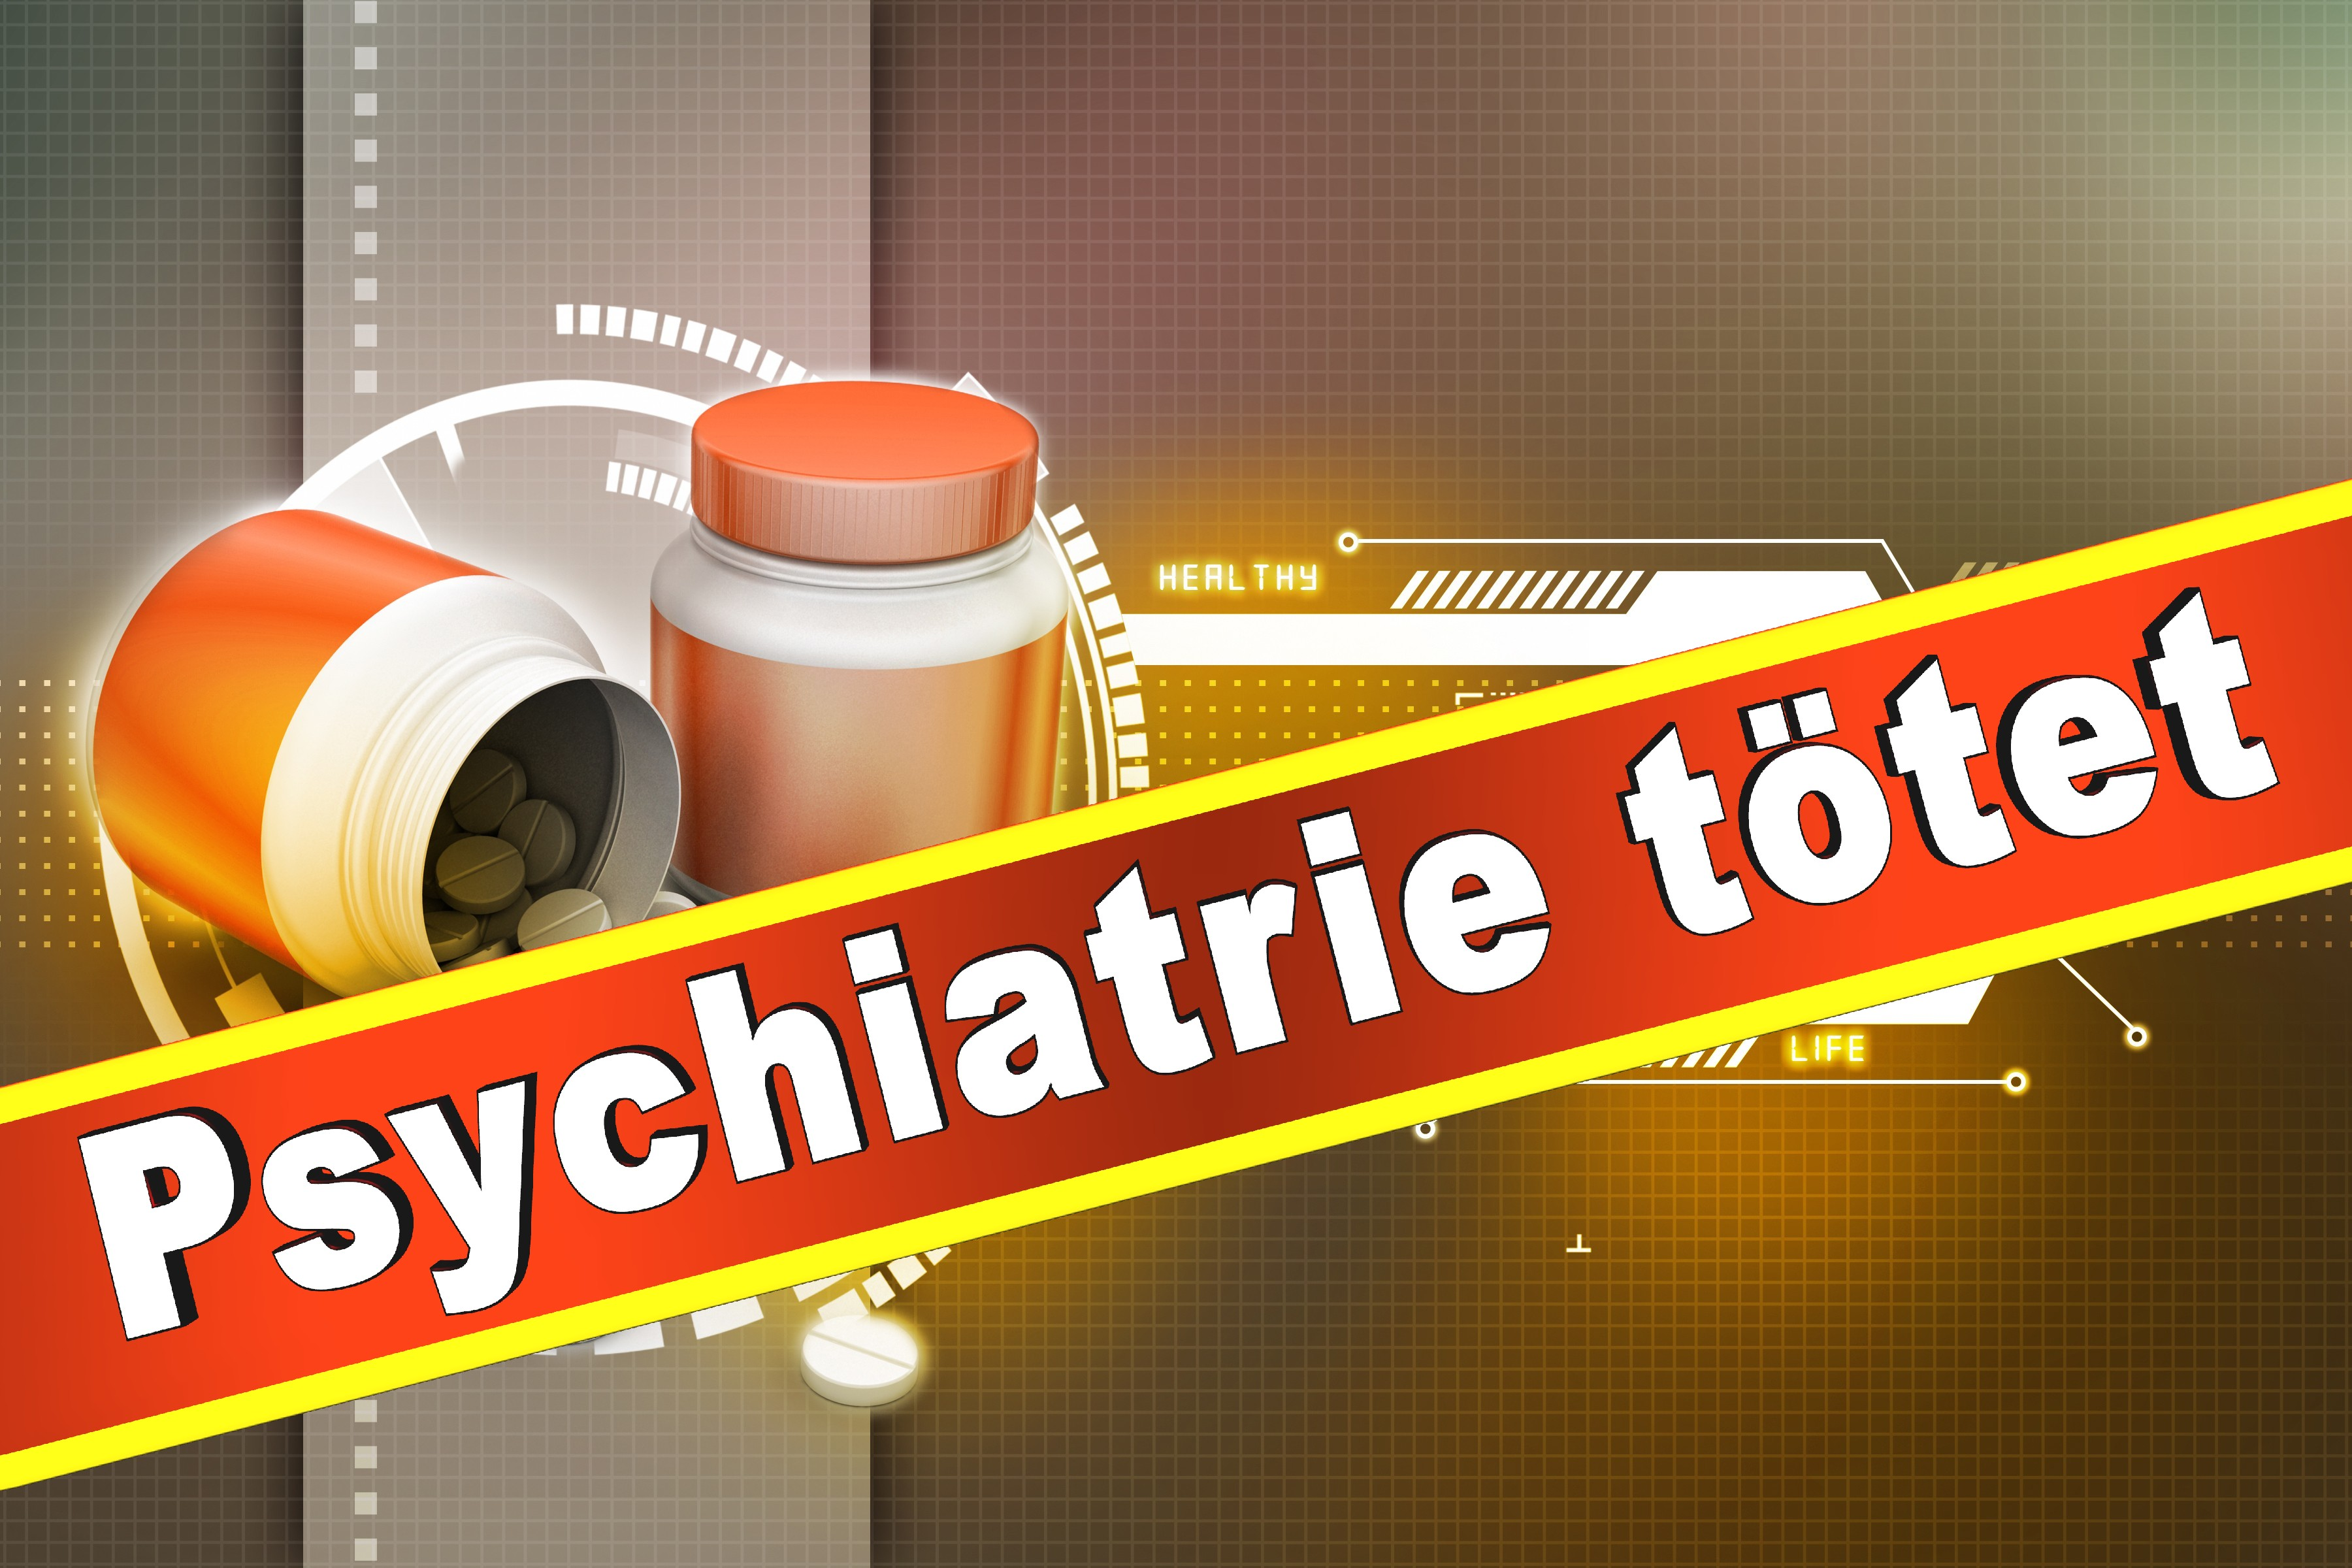 Wielant Machleidt Psychiater Psychotherapeut Professor Praxis Der Interkulturellen Psychiatrie Und Psychotherapie (21)